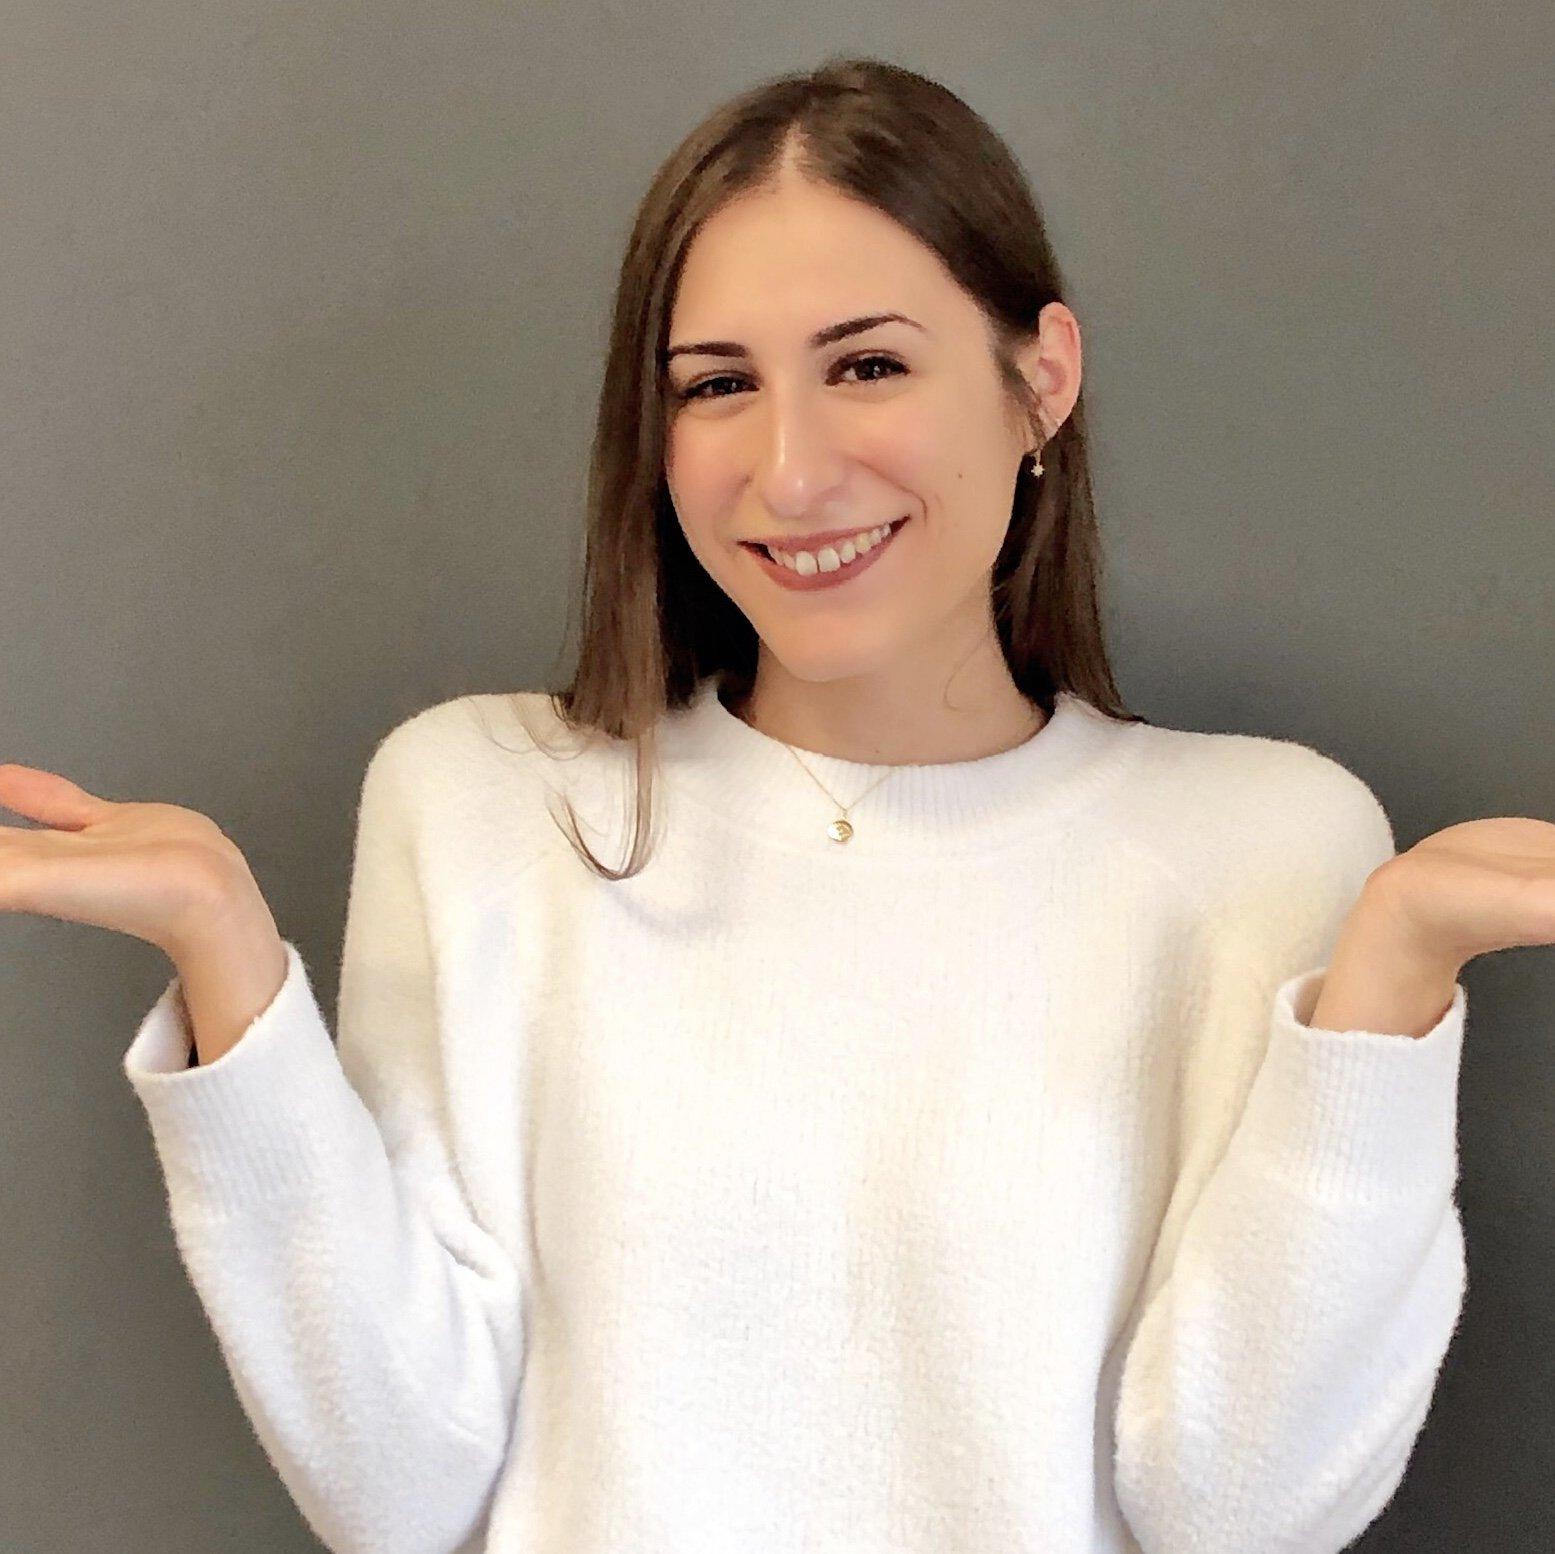 Yolanda Suarez, Project Manager